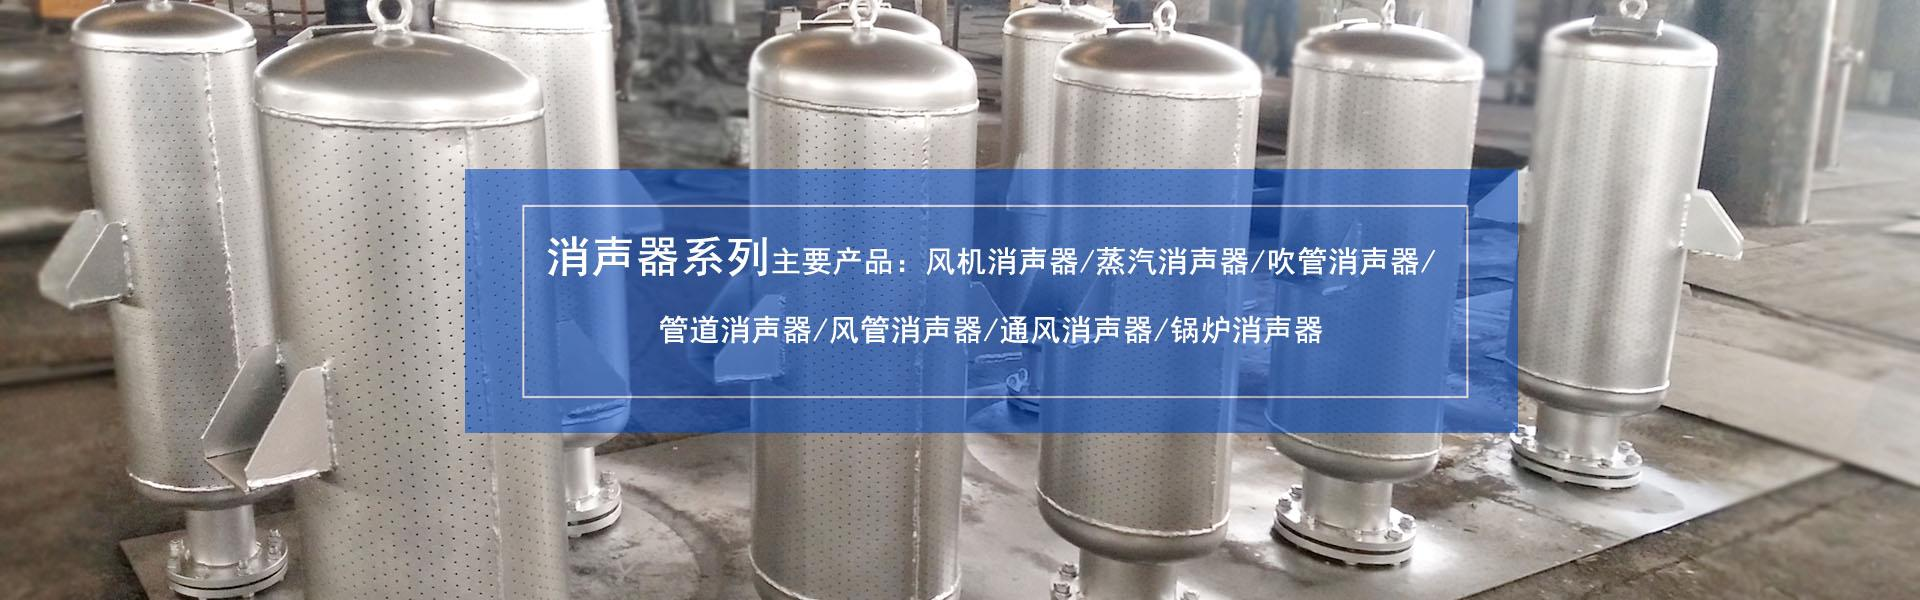 连云港市彩99绿色旧版本安卓机械设备有限公司